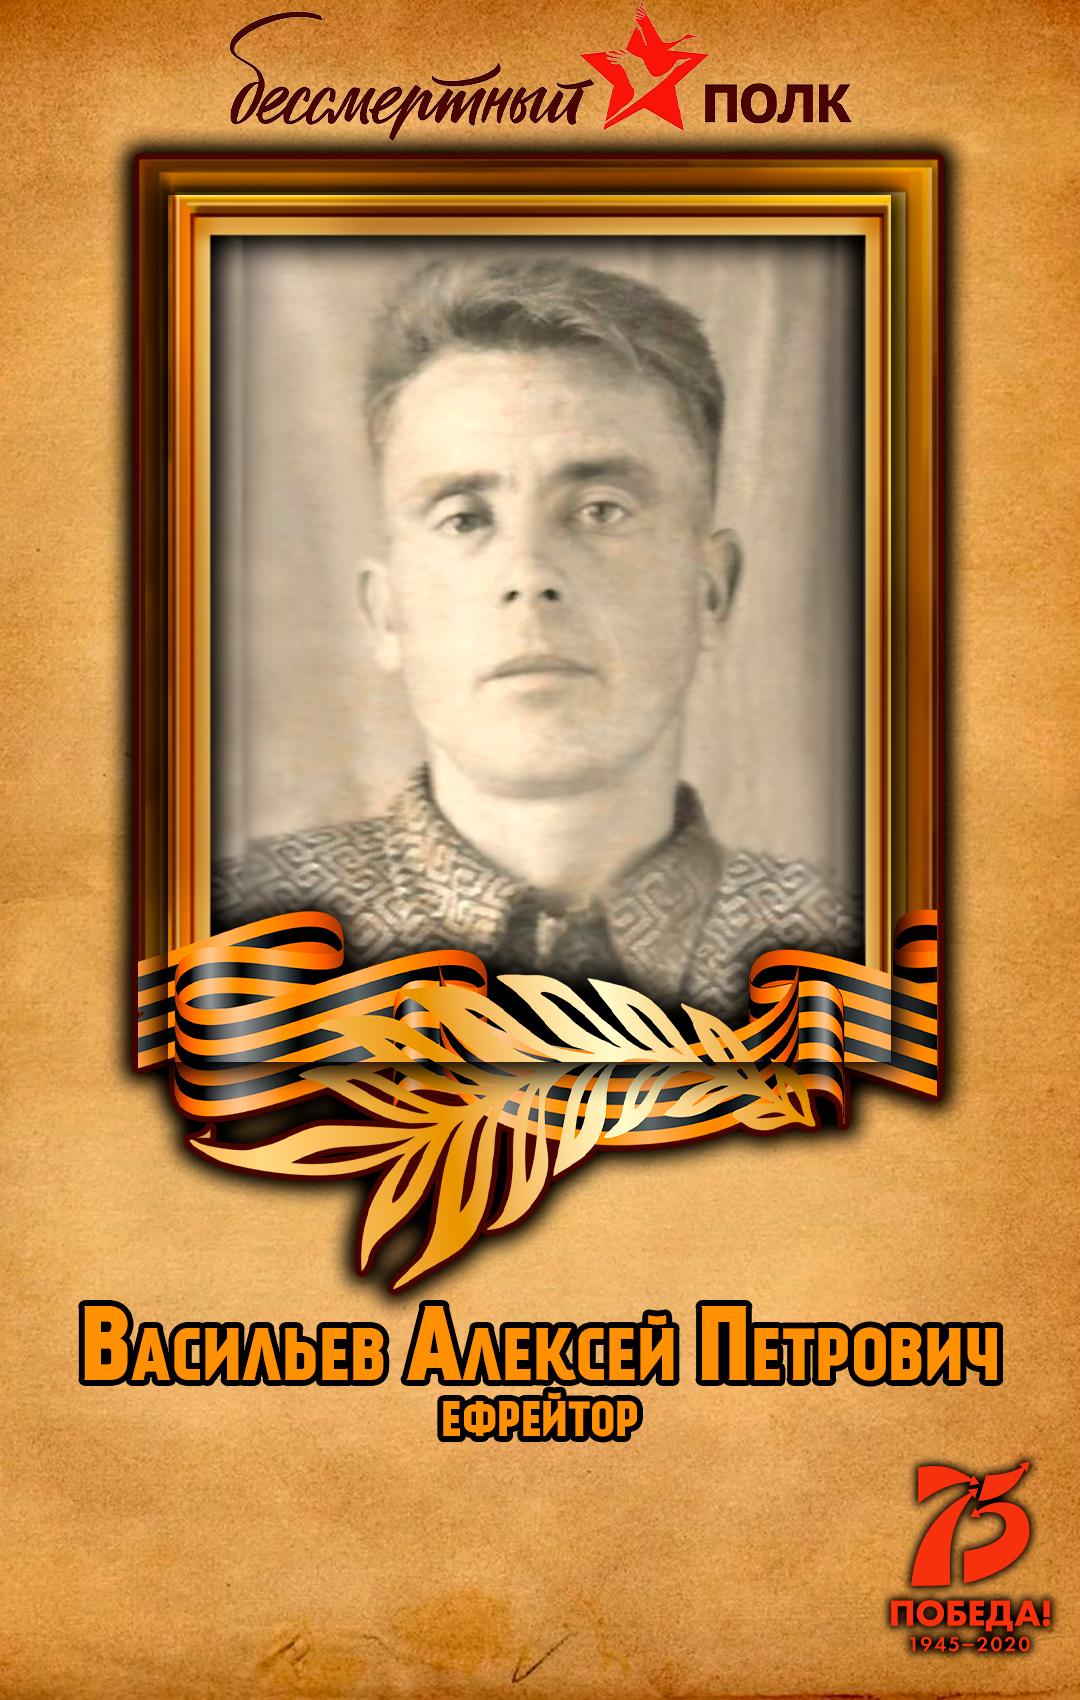 Васильев-Алексей-Петрович